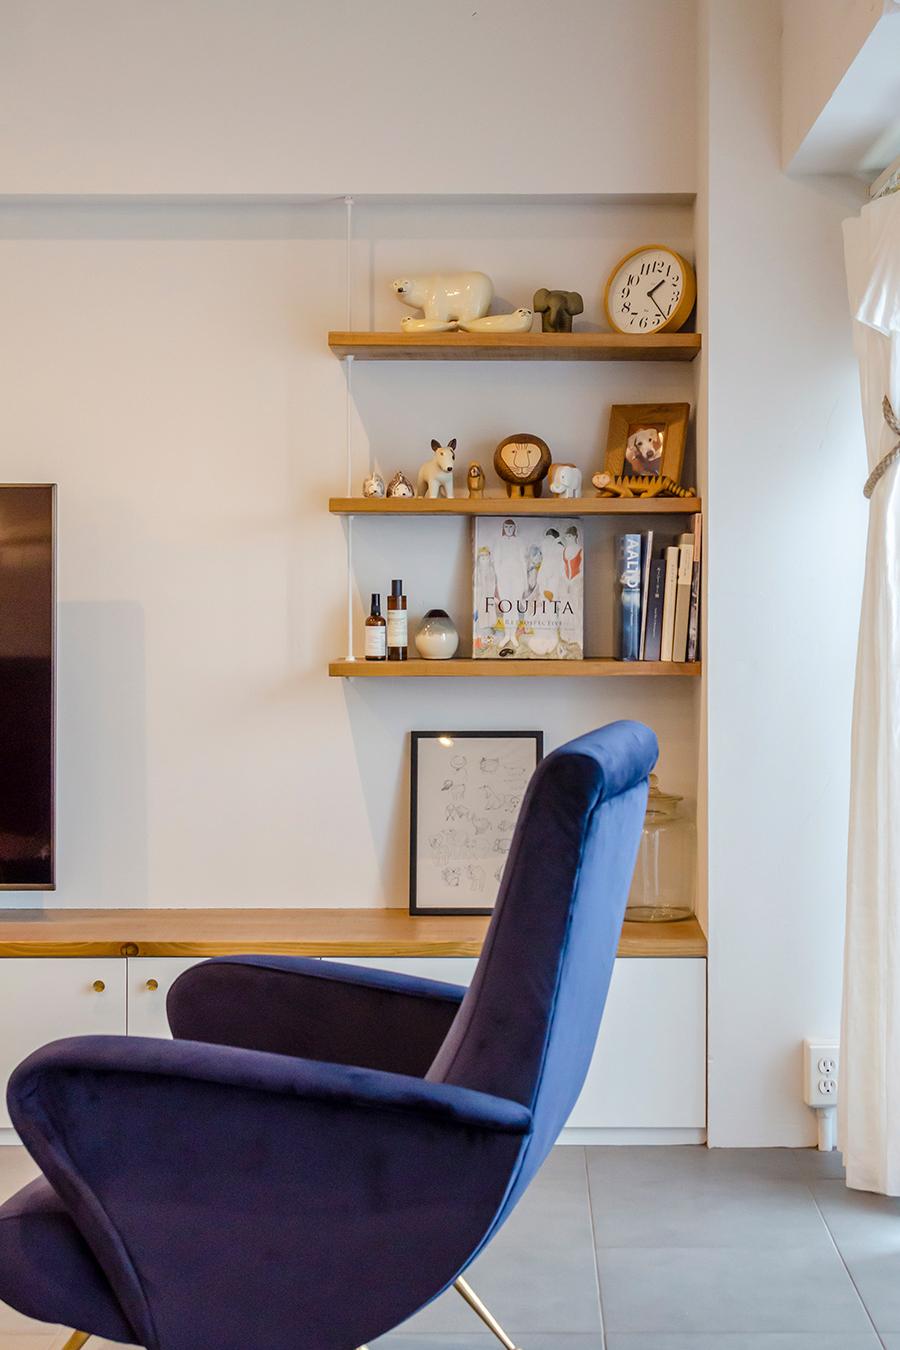 飾り棚はペットの届かない高い位置に設置。